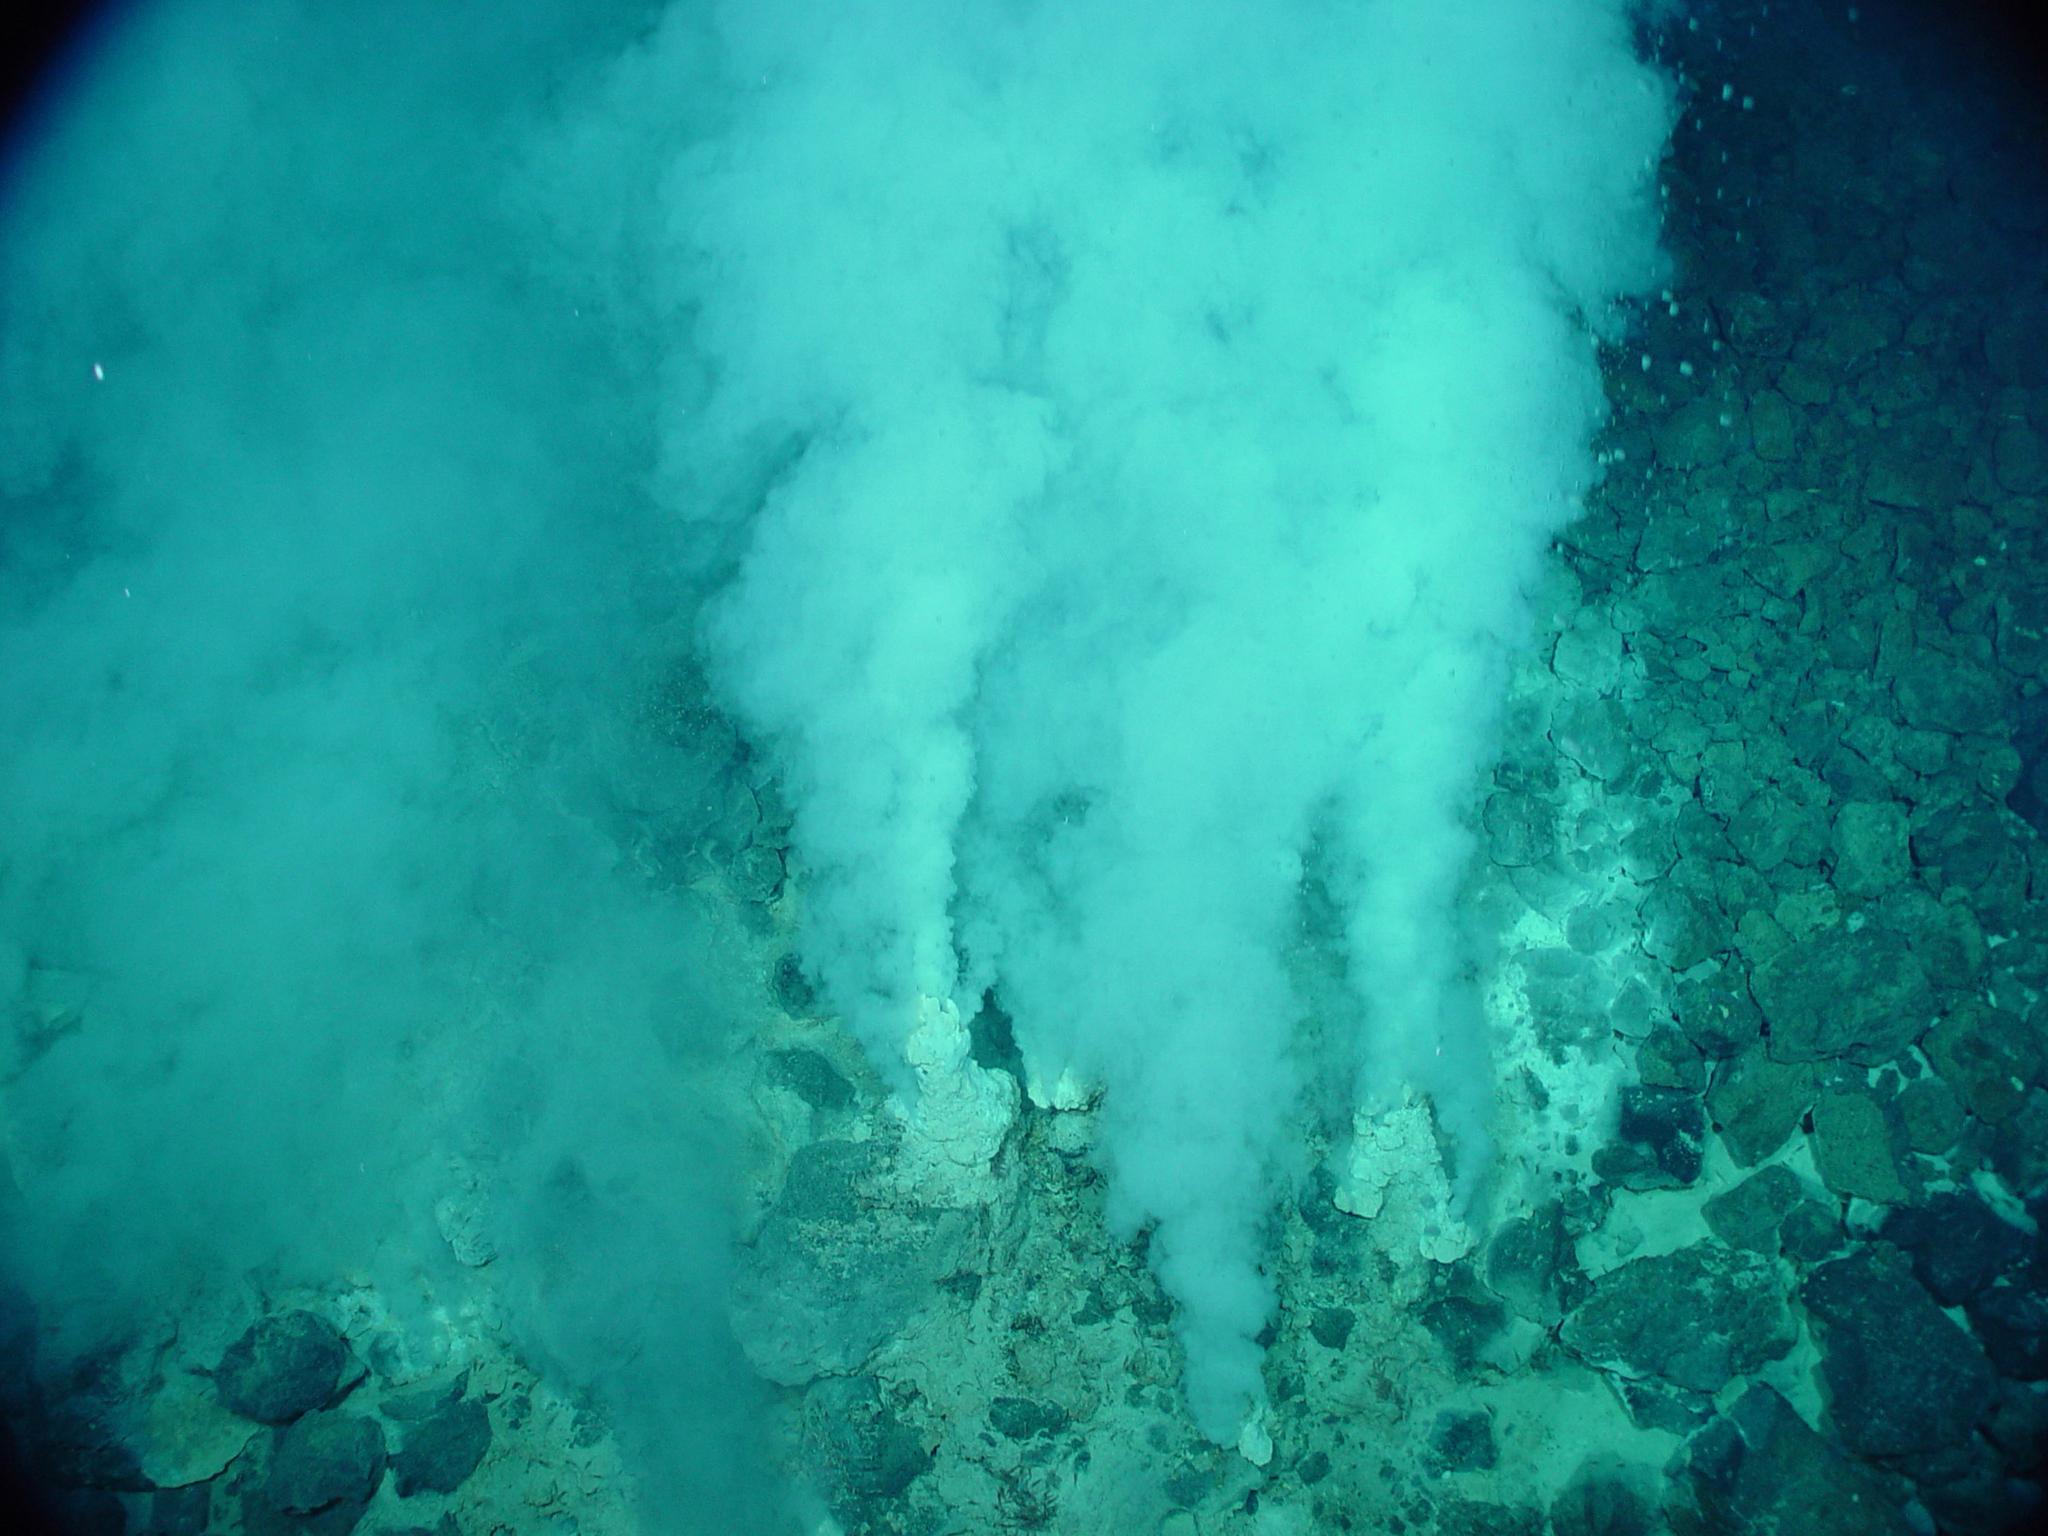 심해 열수구. 화산 활동과 관련해 데워진 바닷물이 해저에 생긴 균열을 통해 분출된다. [사진 위키피디아]